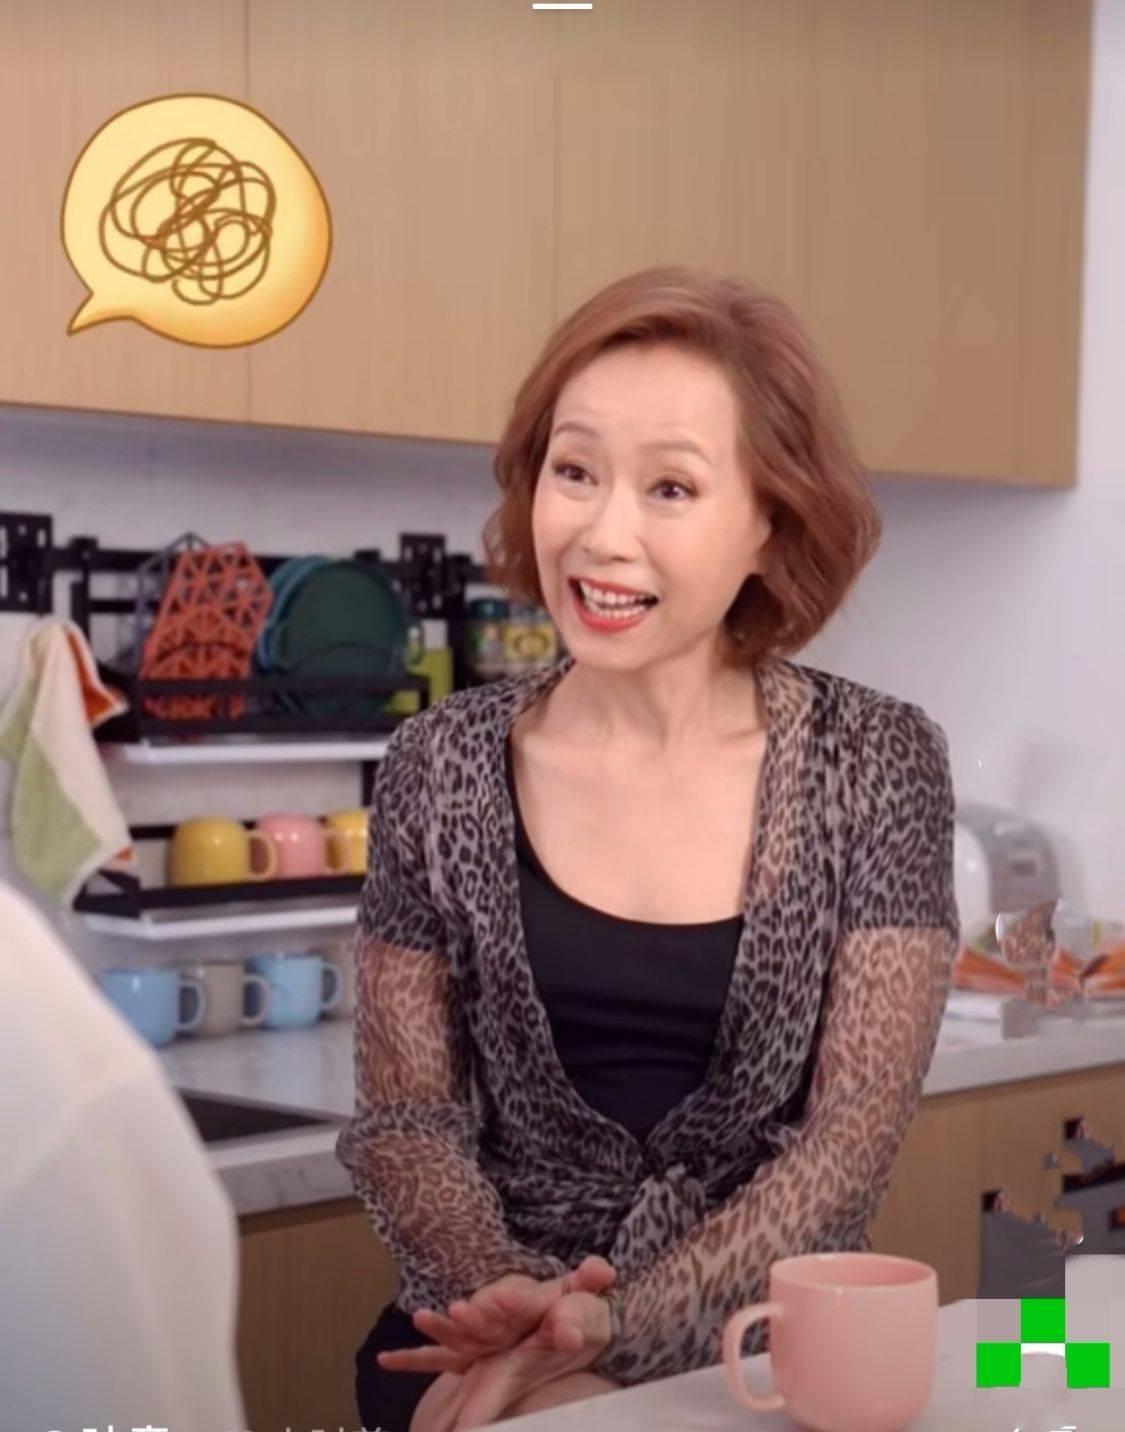 原创             叶童57岁还那么自然,并不是没皱纹才漂亮,没必要刻意修图装嫩!